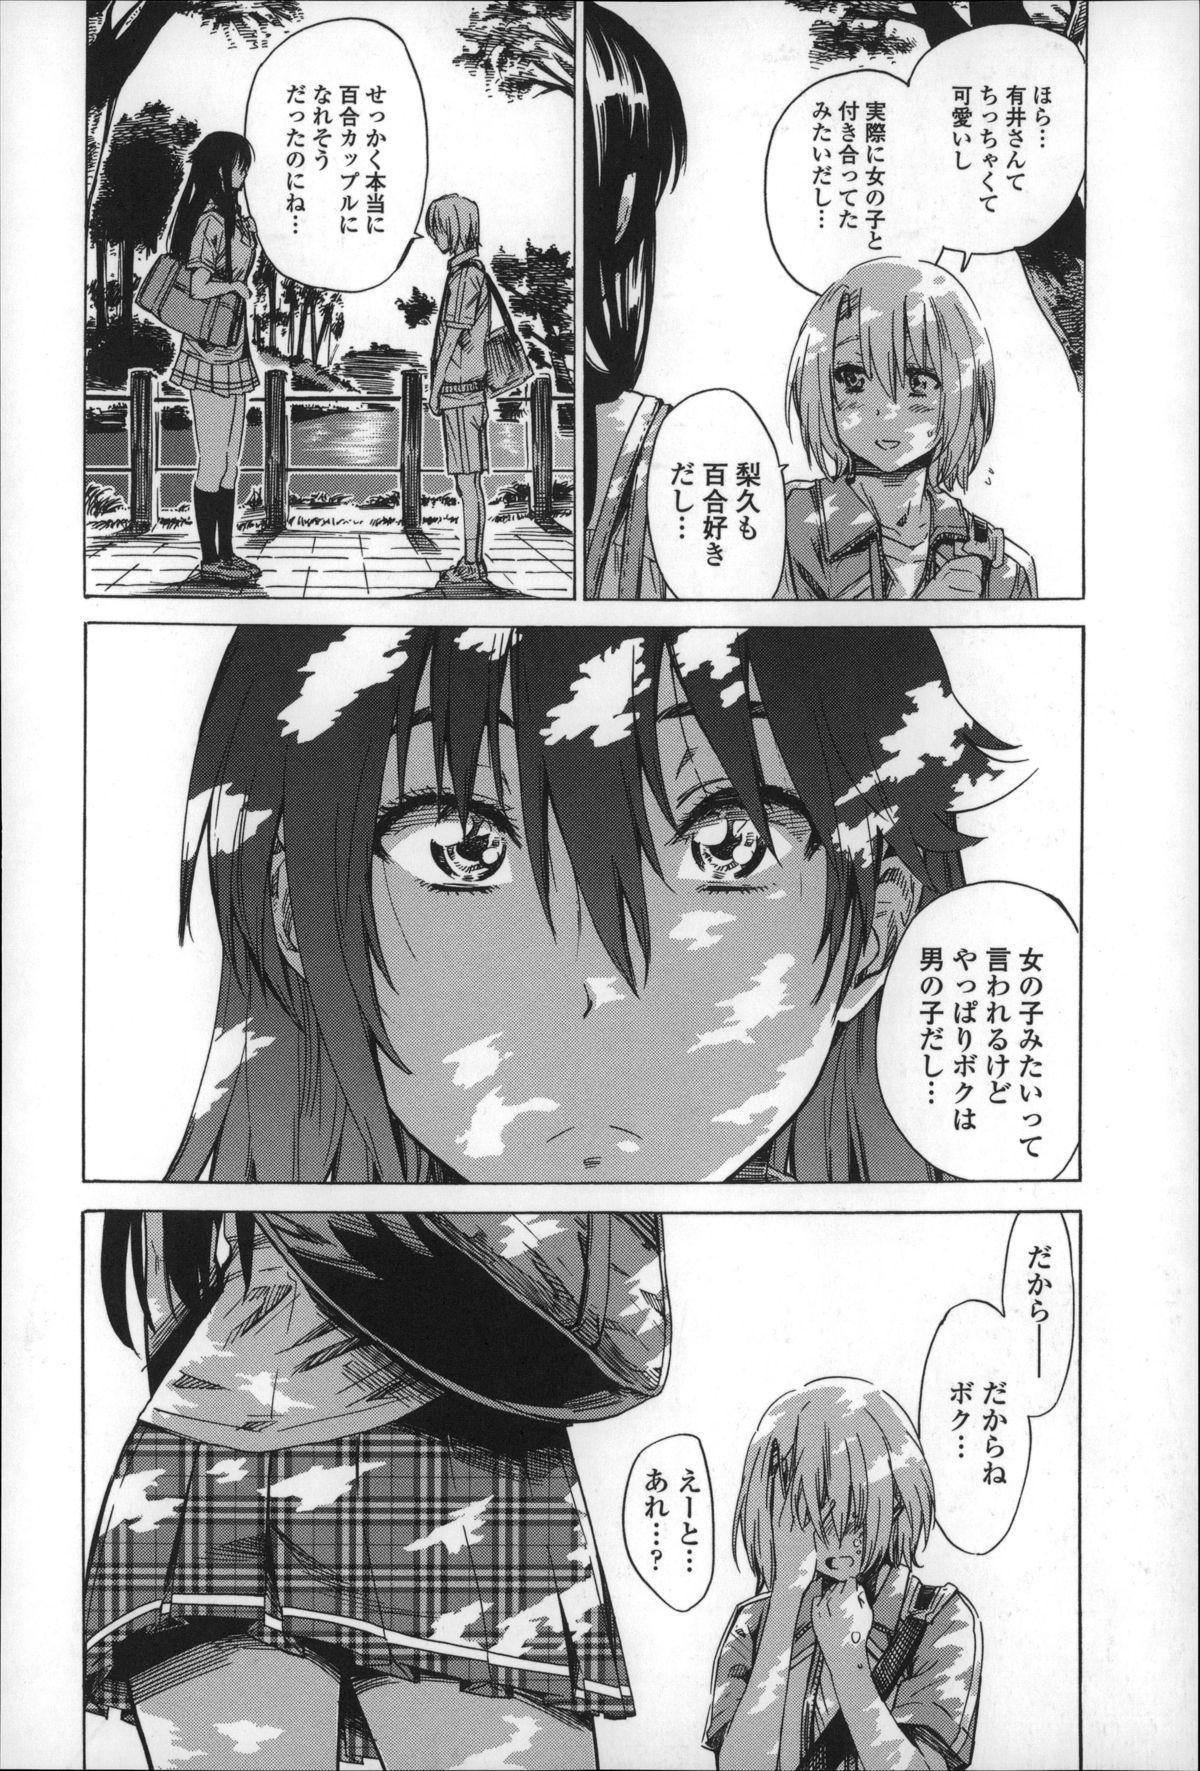 Choushin de Mukuchi no Kanojo ga Hatsujou Shite Kitara Eroiyo ne? 91